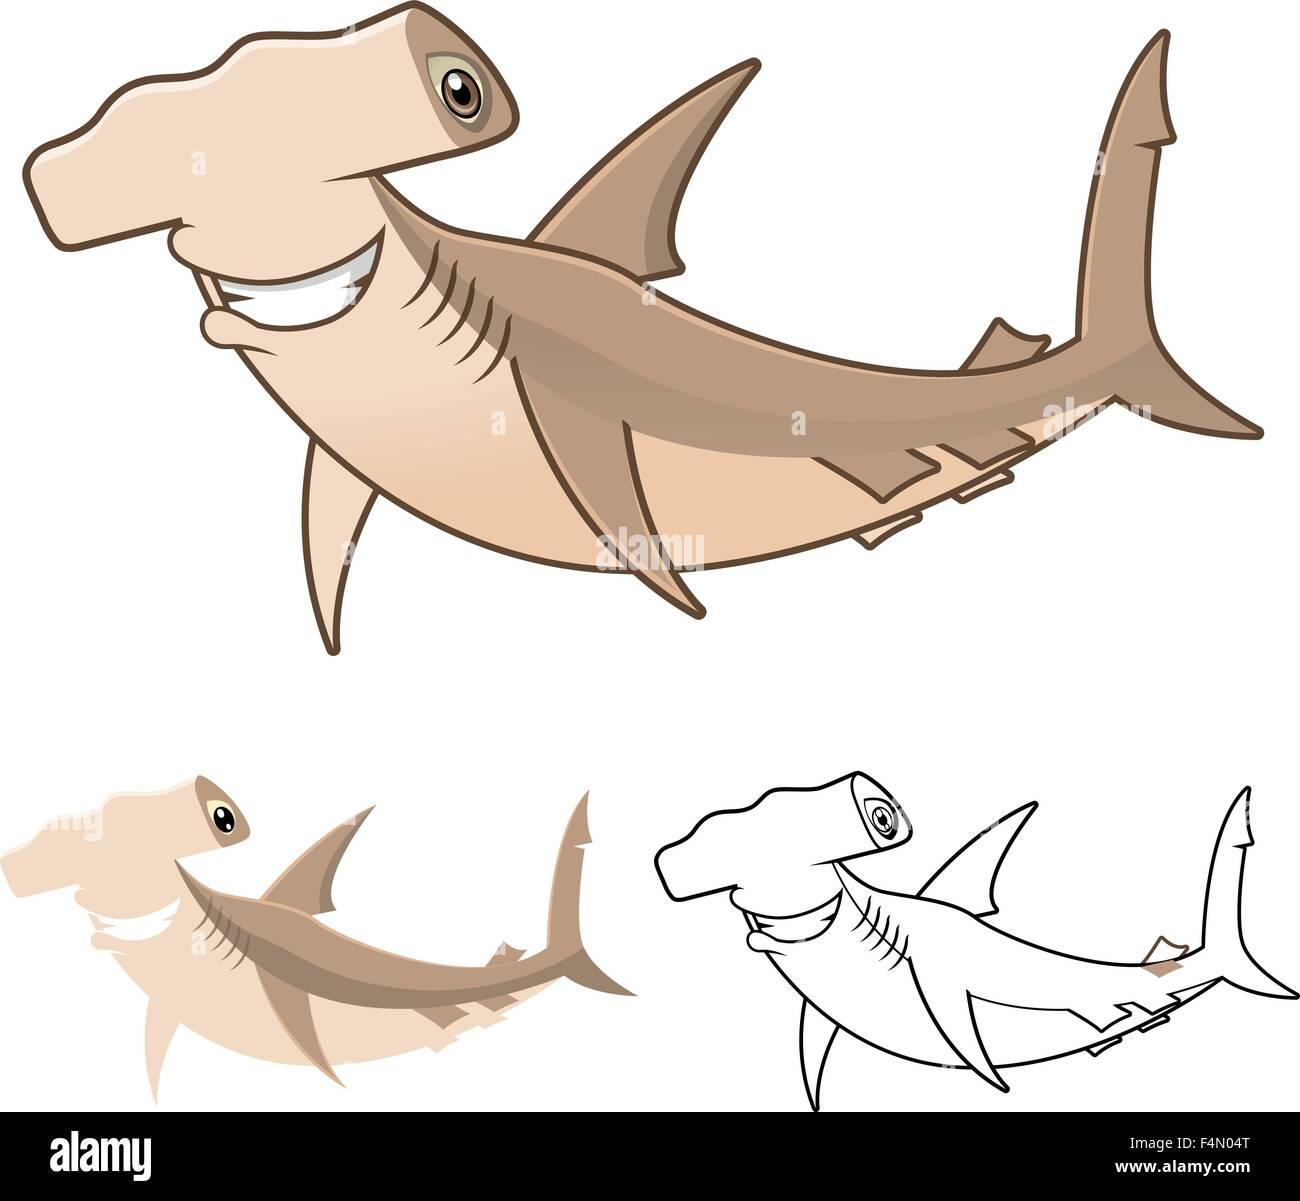 Cartoon Happy Shark Imágenes De Stock & Cartoon Happy Shark Fotos De ...